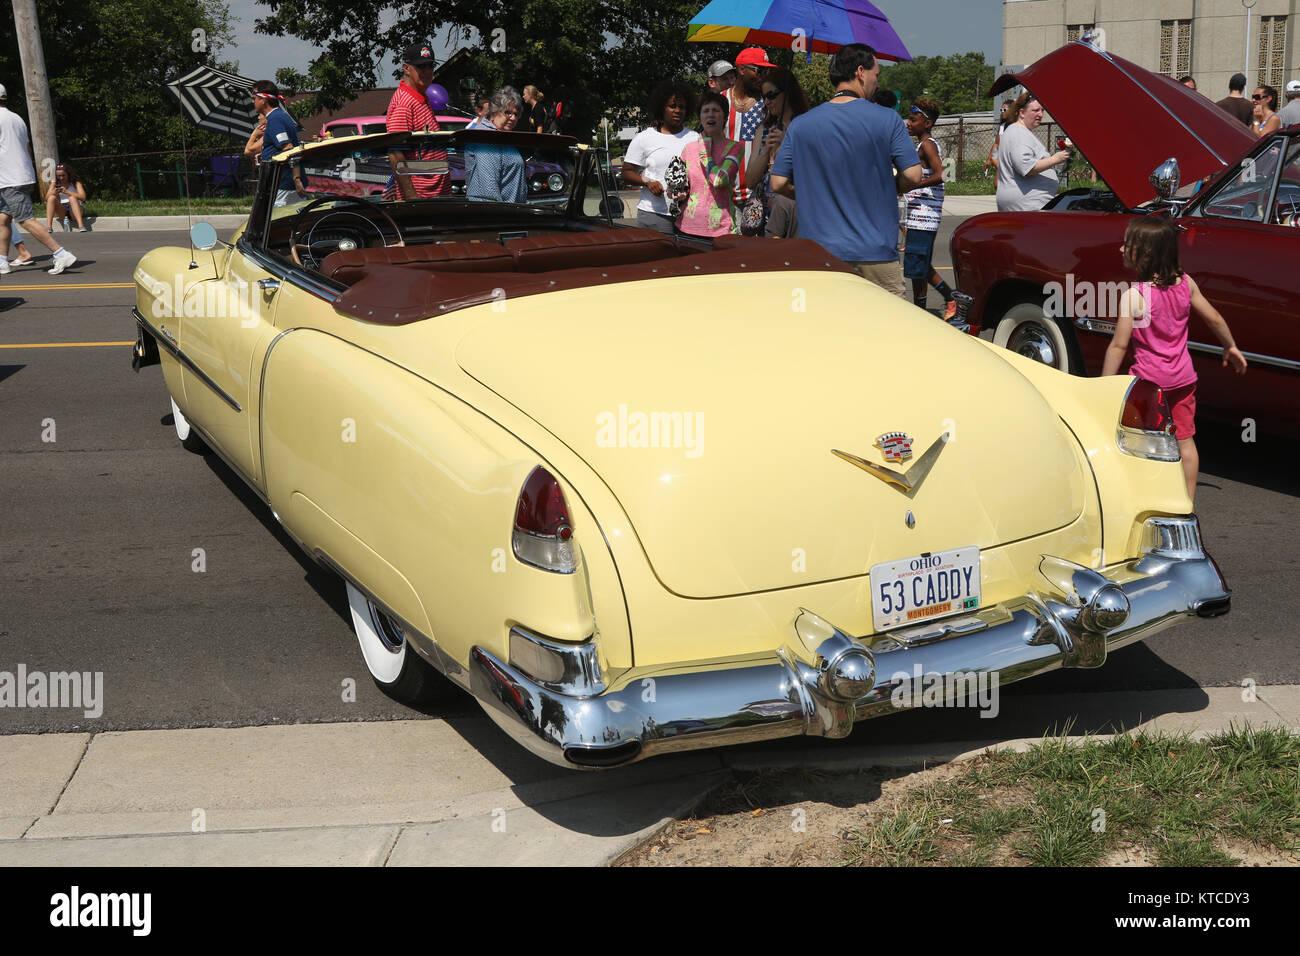 Convertible car 1950s stock photos convertible car 1950s for Mercedes benz of centerville washington township oh